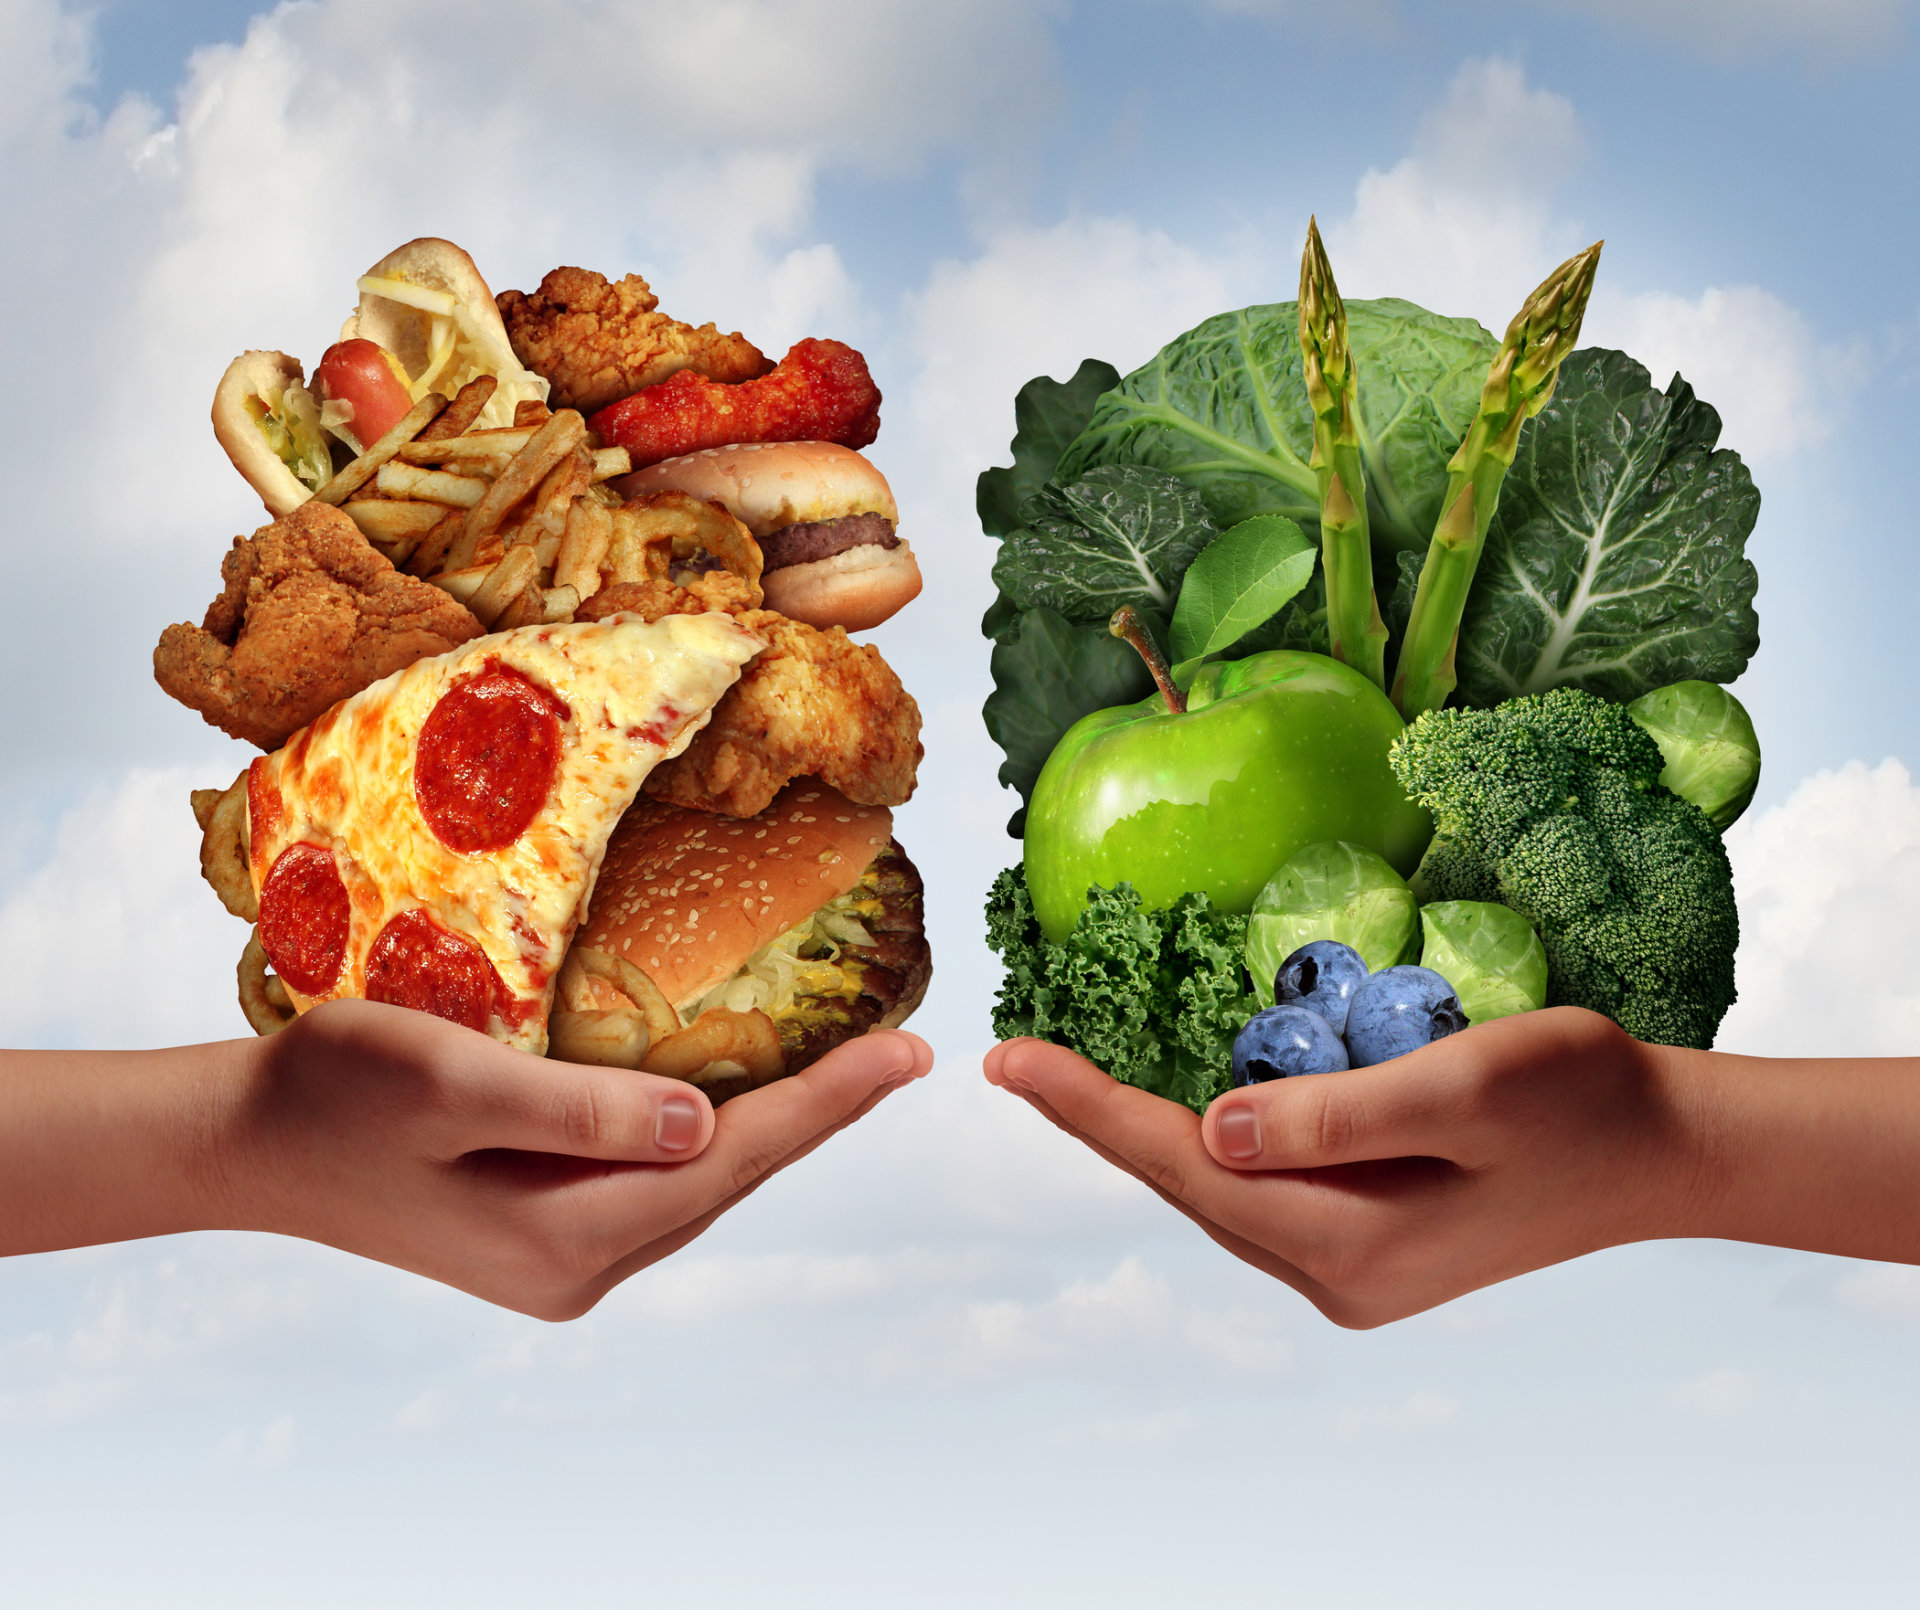 Vēlies samazināt holesterīna līmeni? Ēd riekstus!